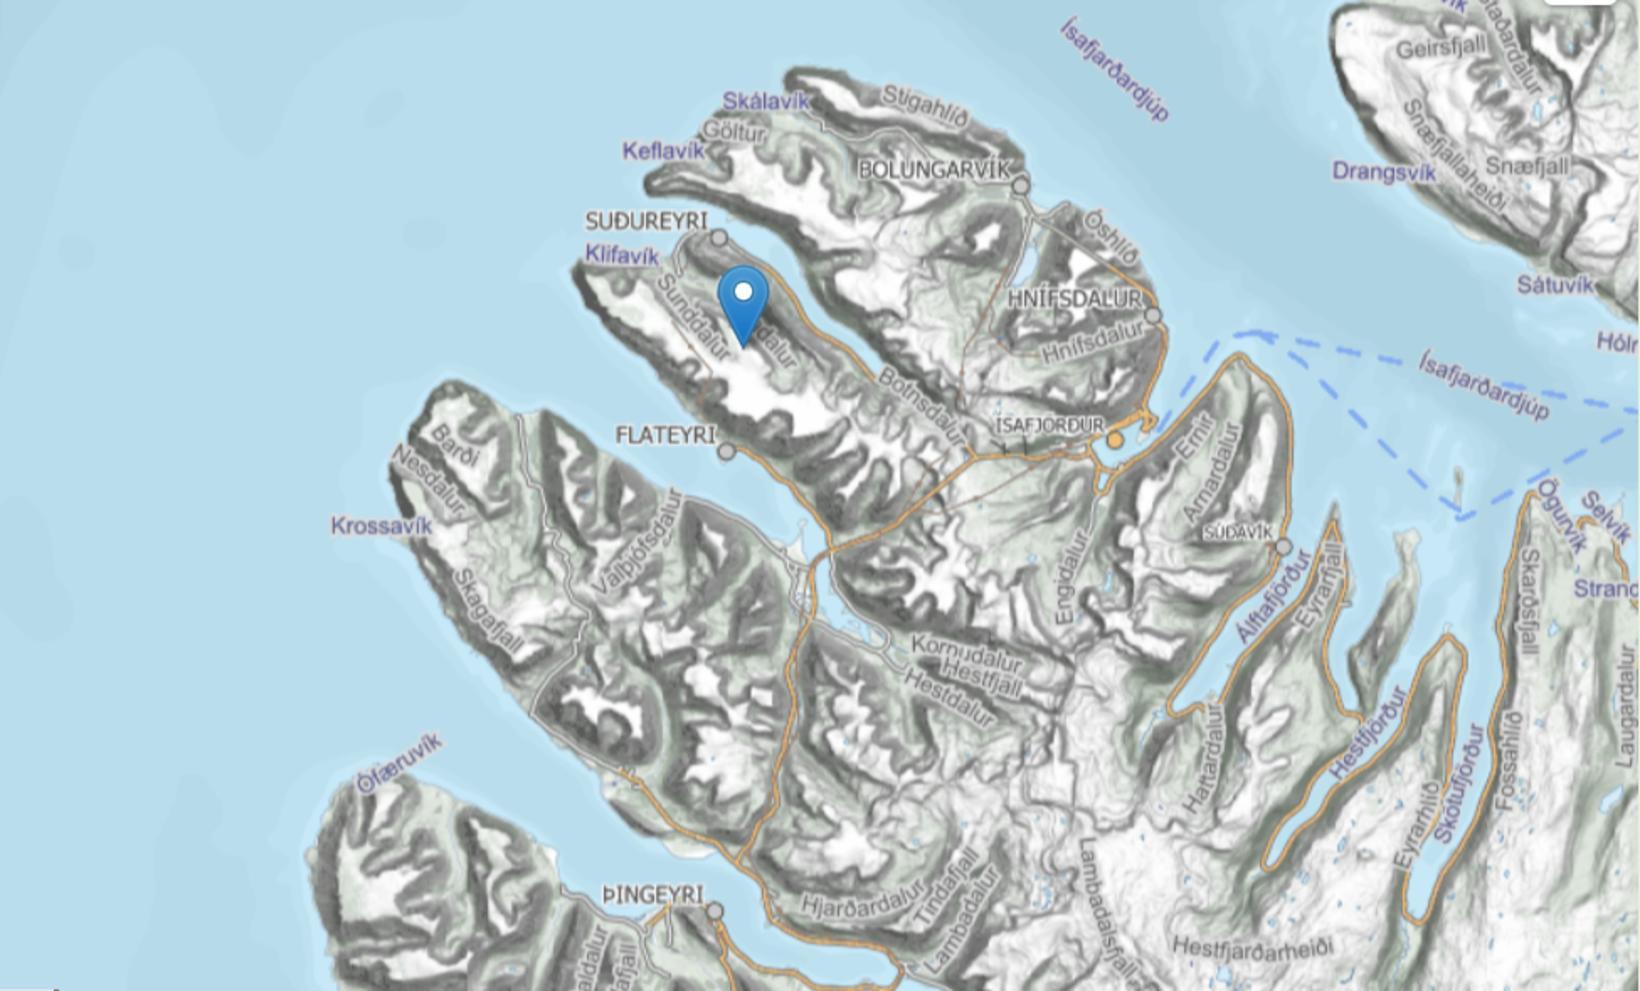 Snjóflóð féll á Flateyri og Súgandafirði á tólfta tímanum.